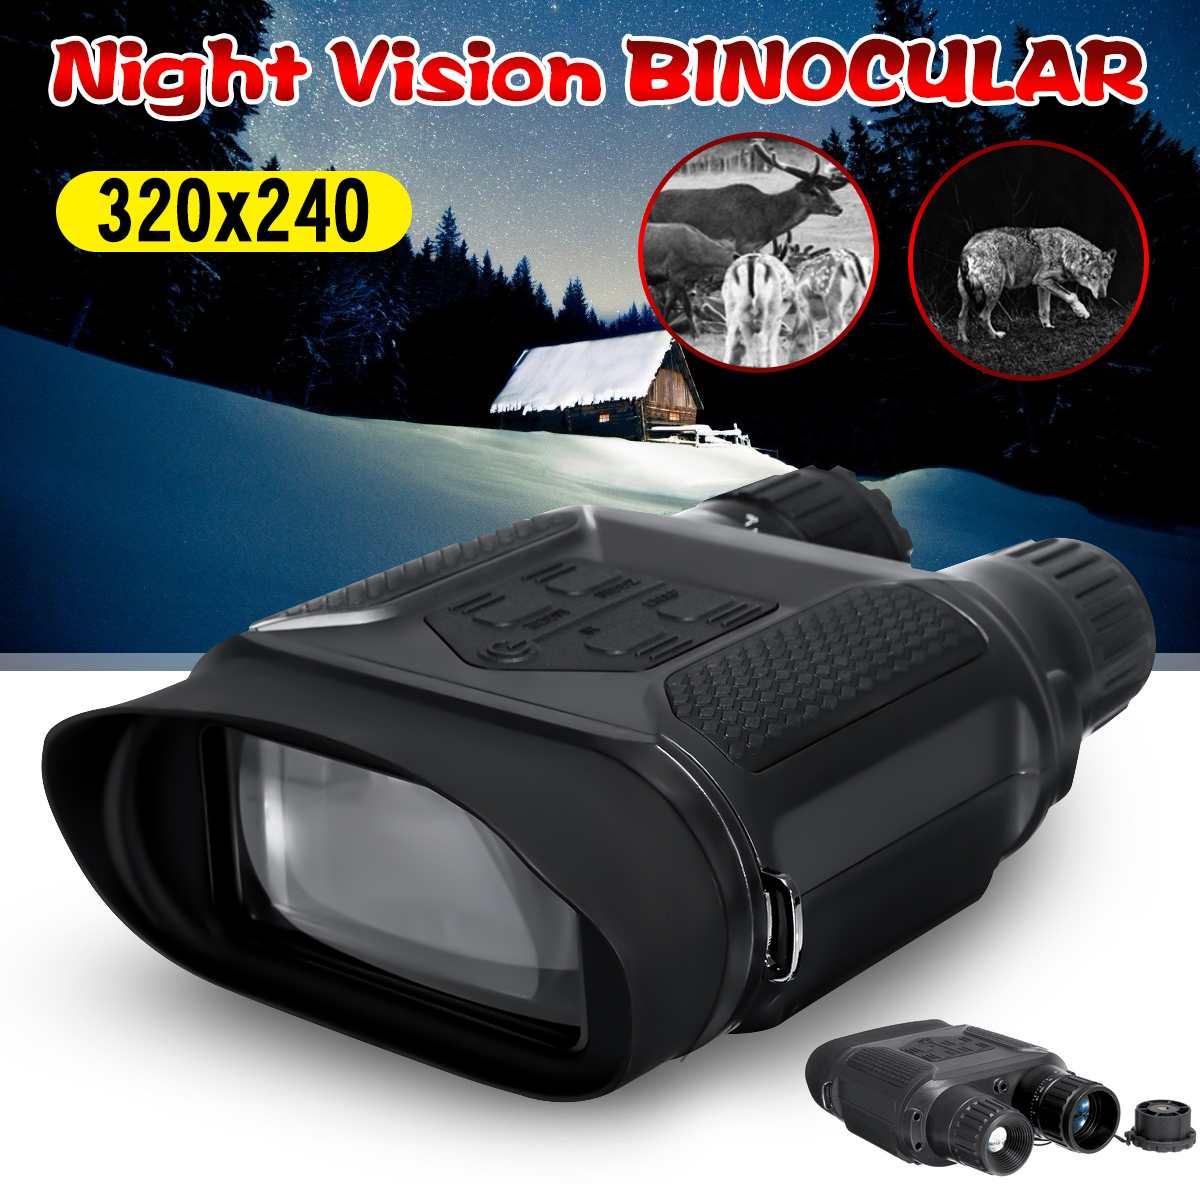 Binocular Visão noturna Infravermelha Digital Night Vision Scope 1300ft/400 m Distância de Observação Foto Camera & Video Recorder